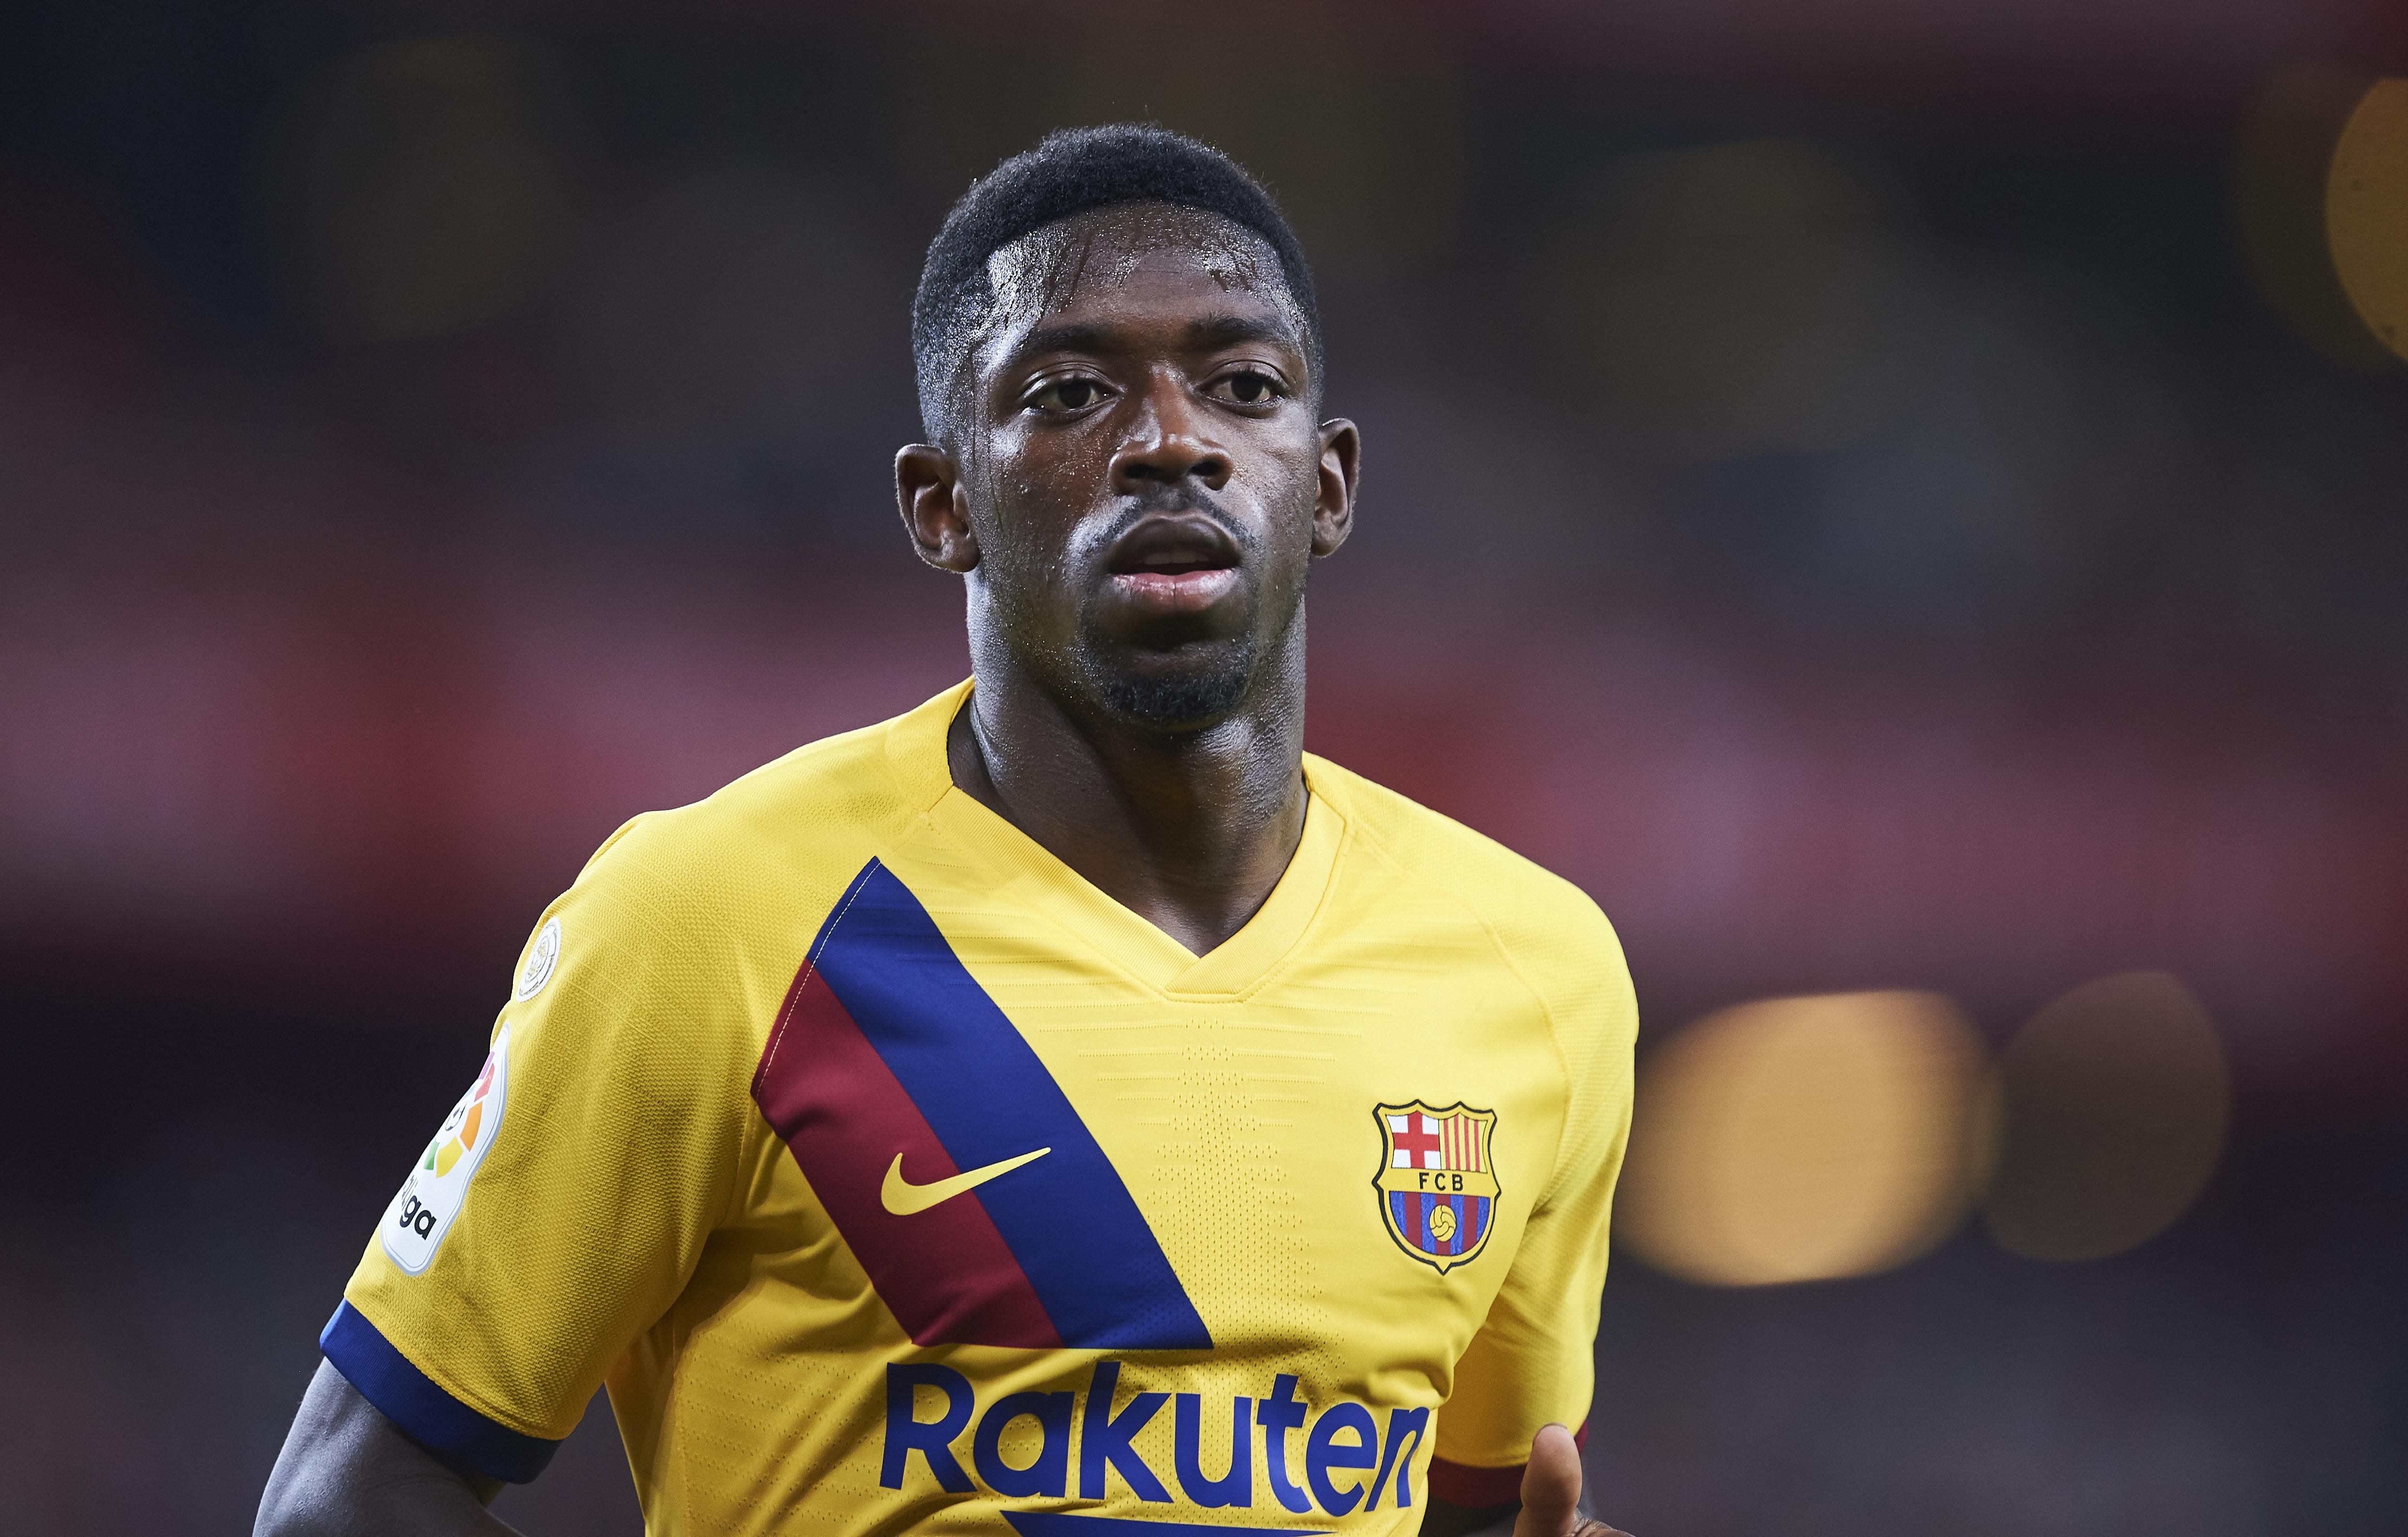 Новият сезон в Примера дивисион за френското крило на Барселона